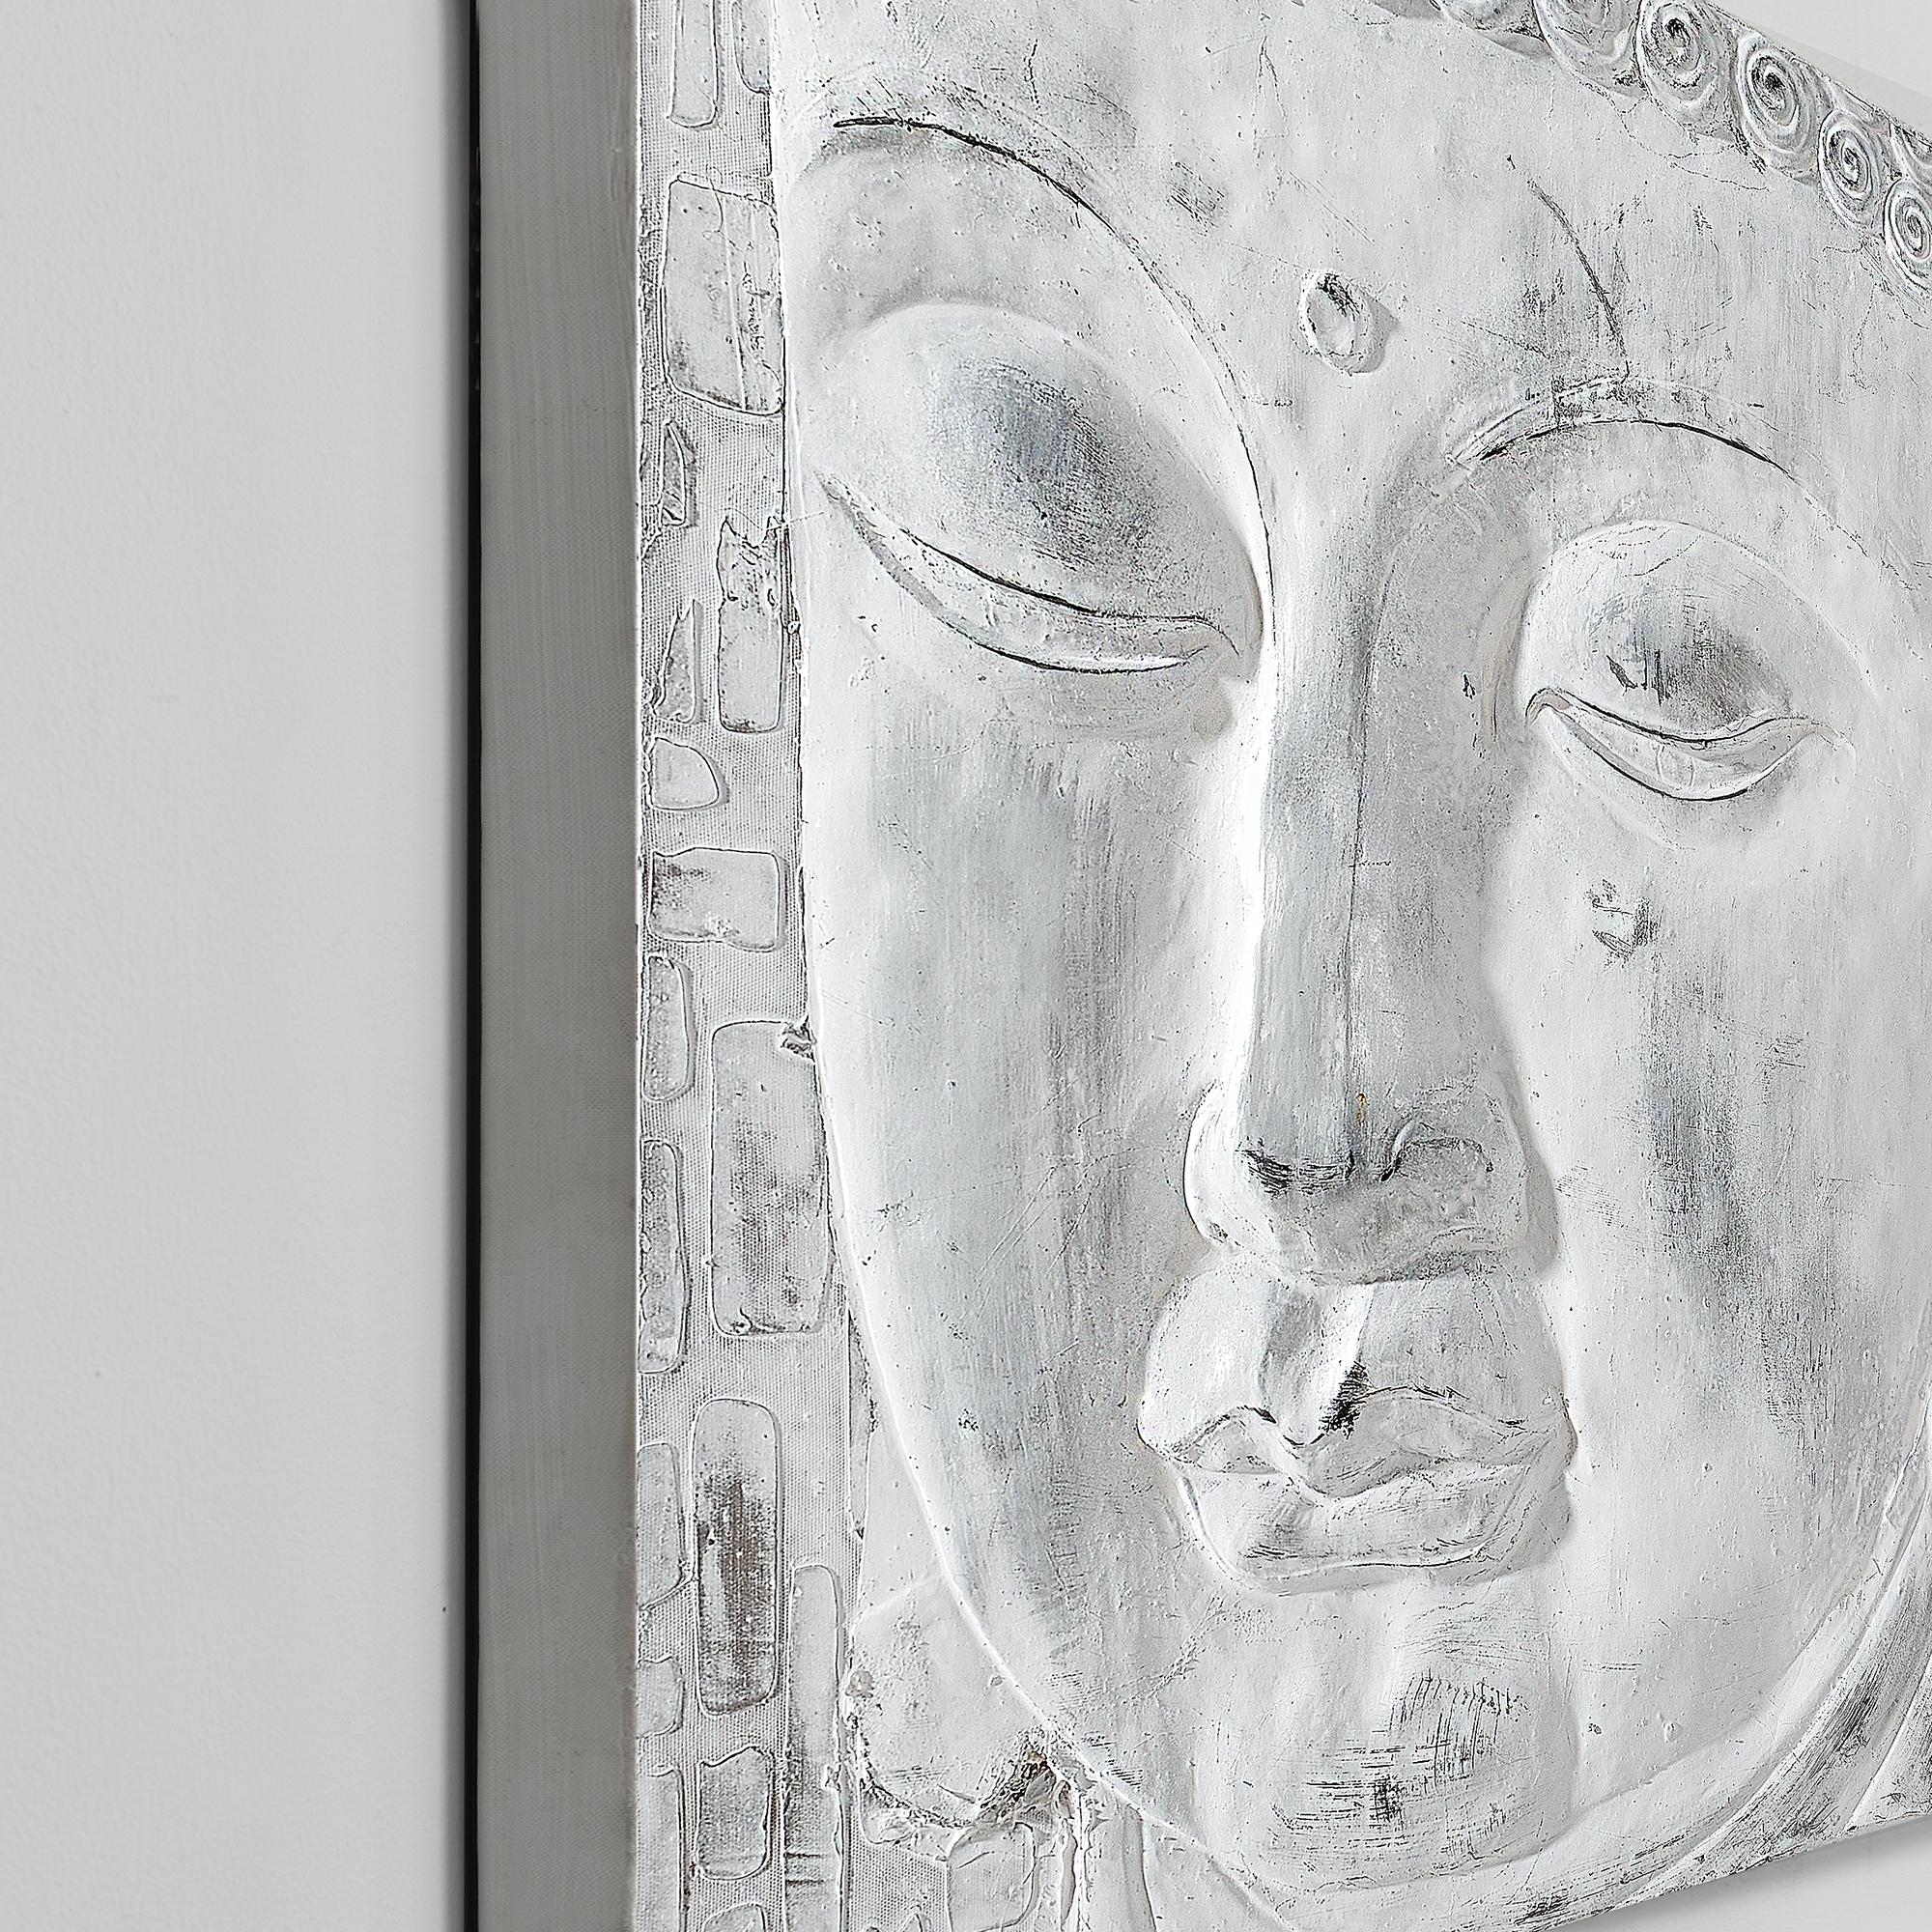 Wandbild 60x60cm Buddha Handgemalt Leinwand GERAHMT Acryl Gemälde art.work